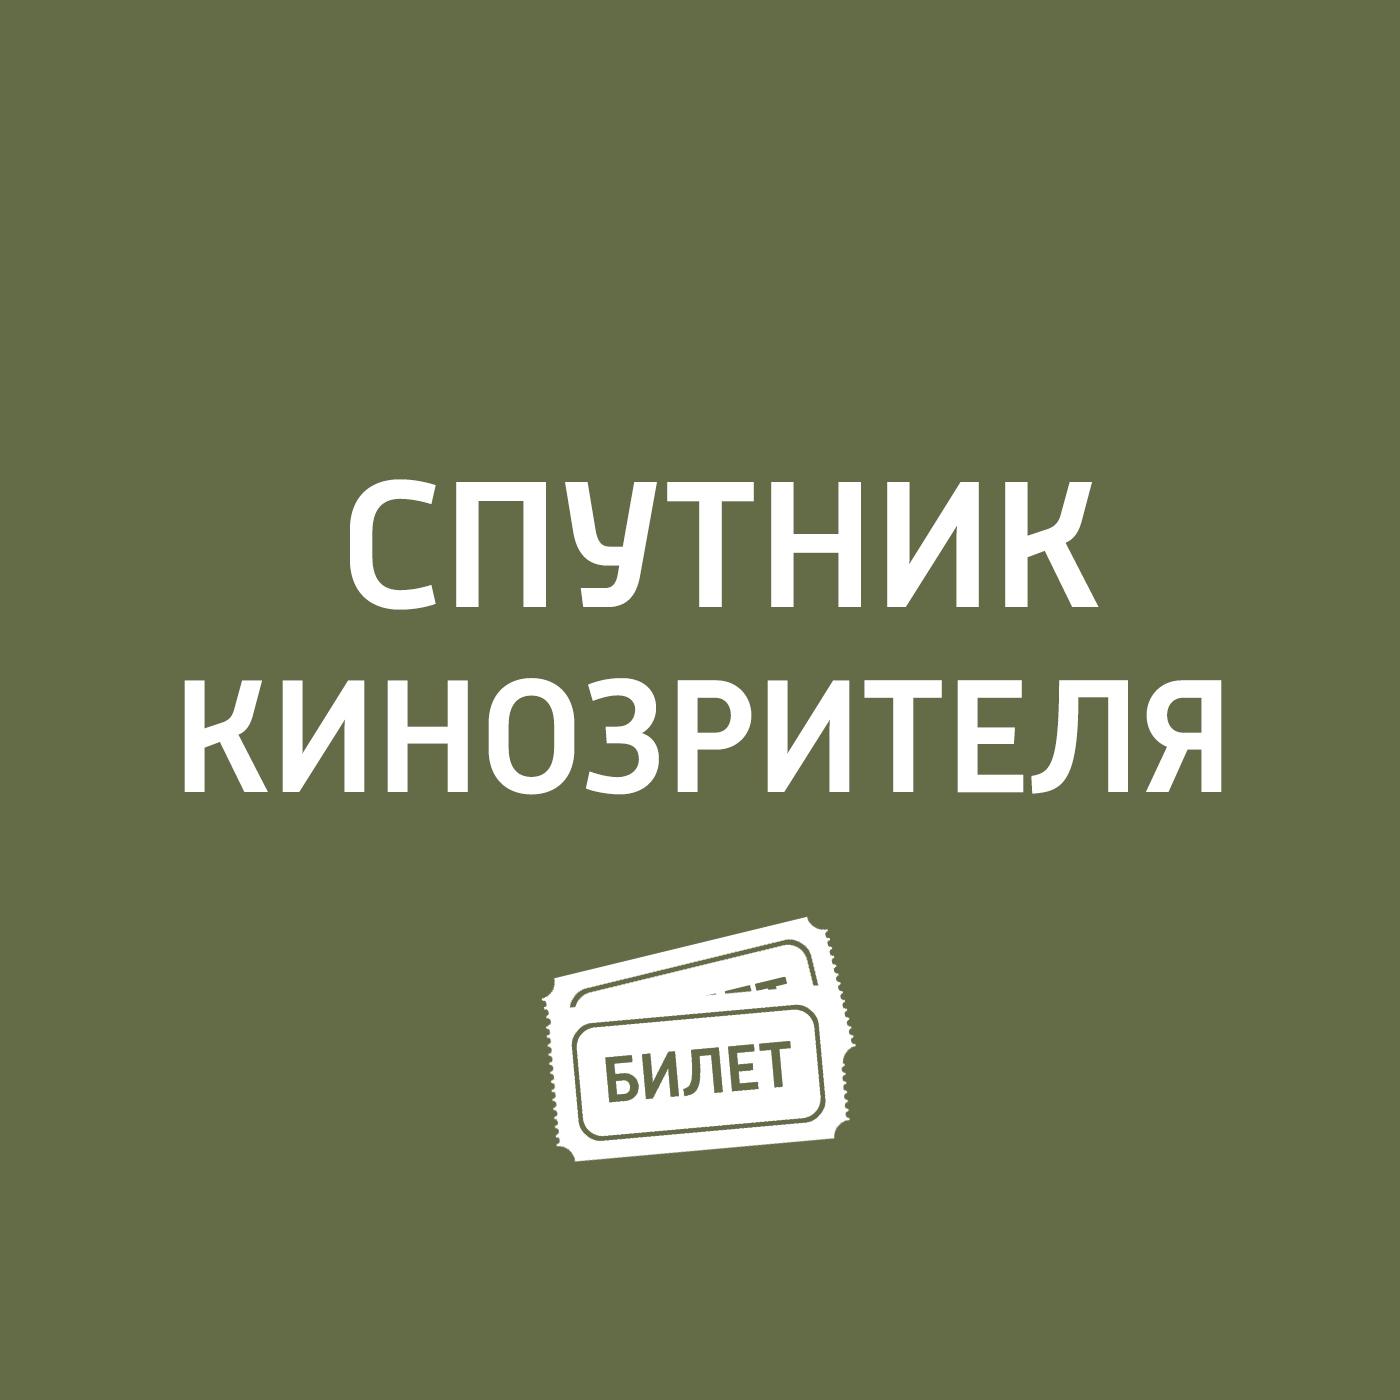 цена на Антон Долин Новинки кино с 18 декабря 2014: «Звёздная карта